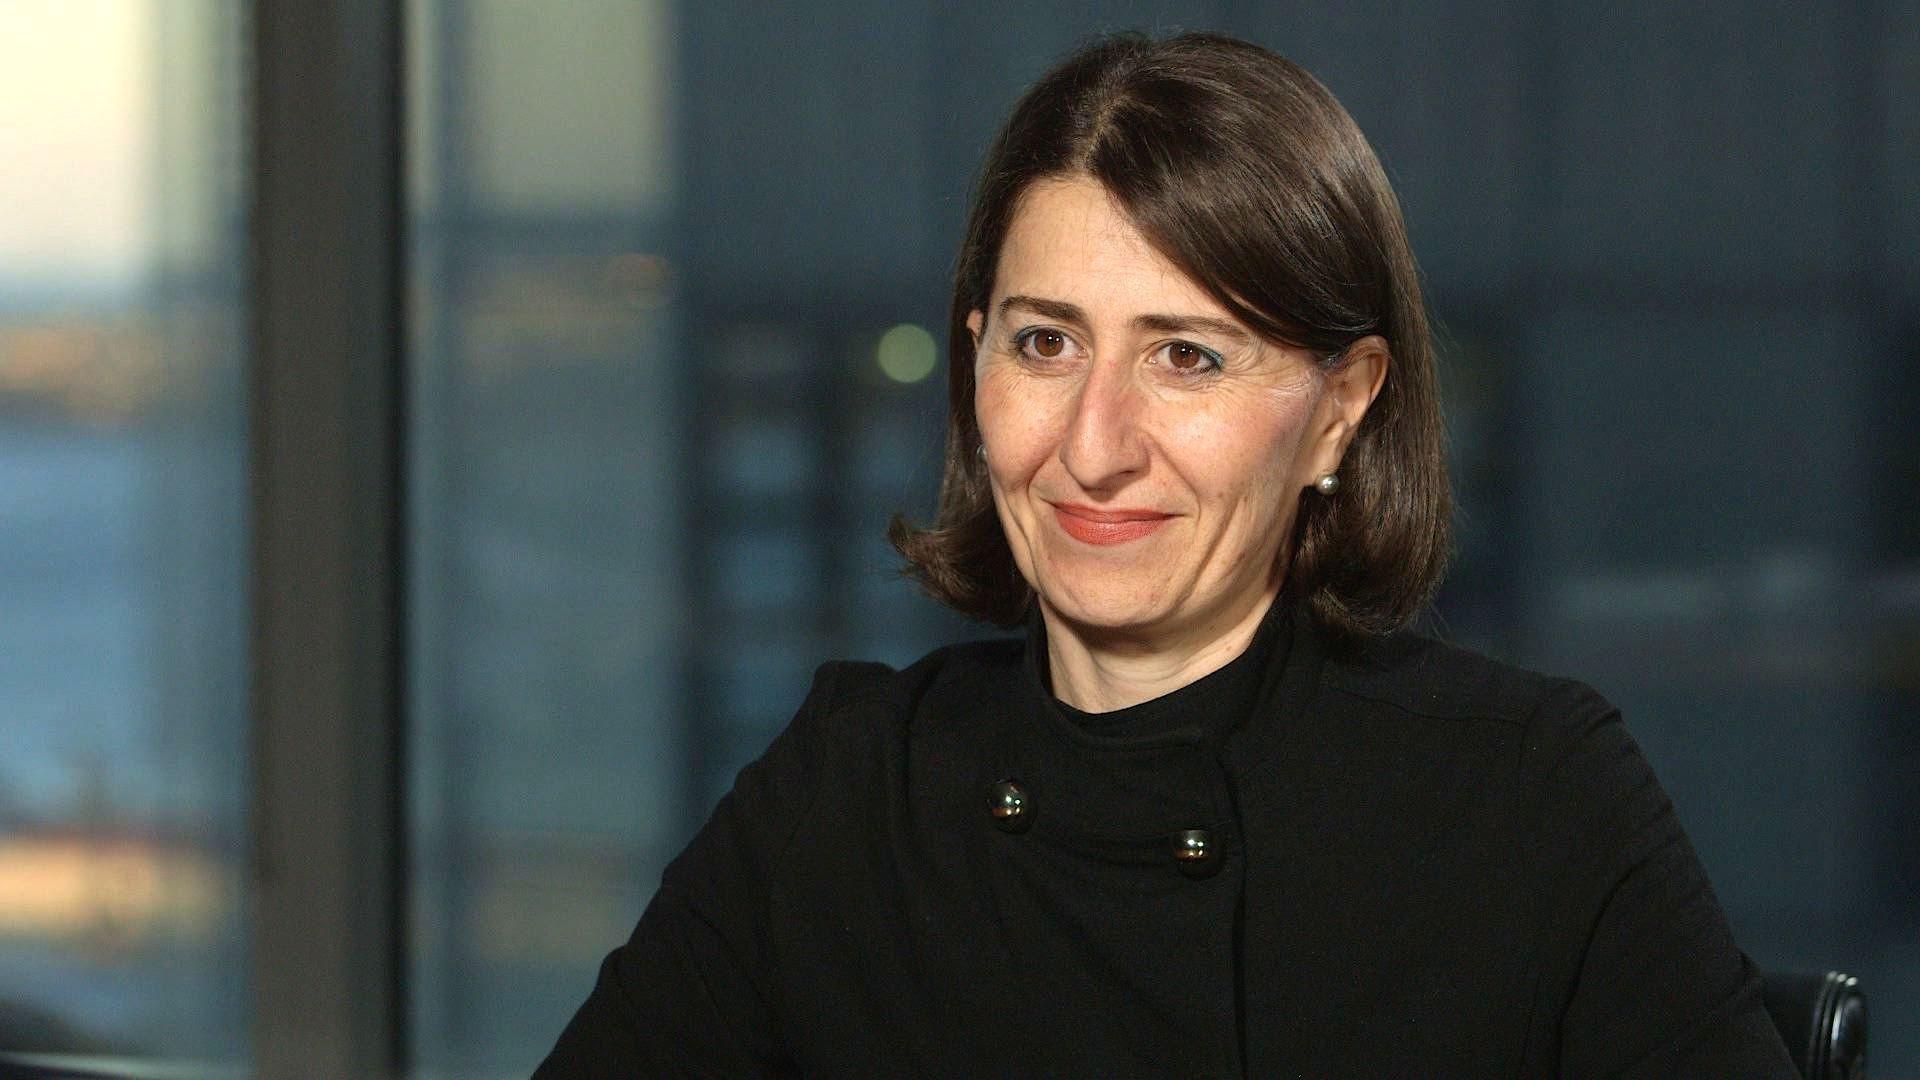 La Coalición de Gladys Berejiklian sigue a Labor en las encuestas